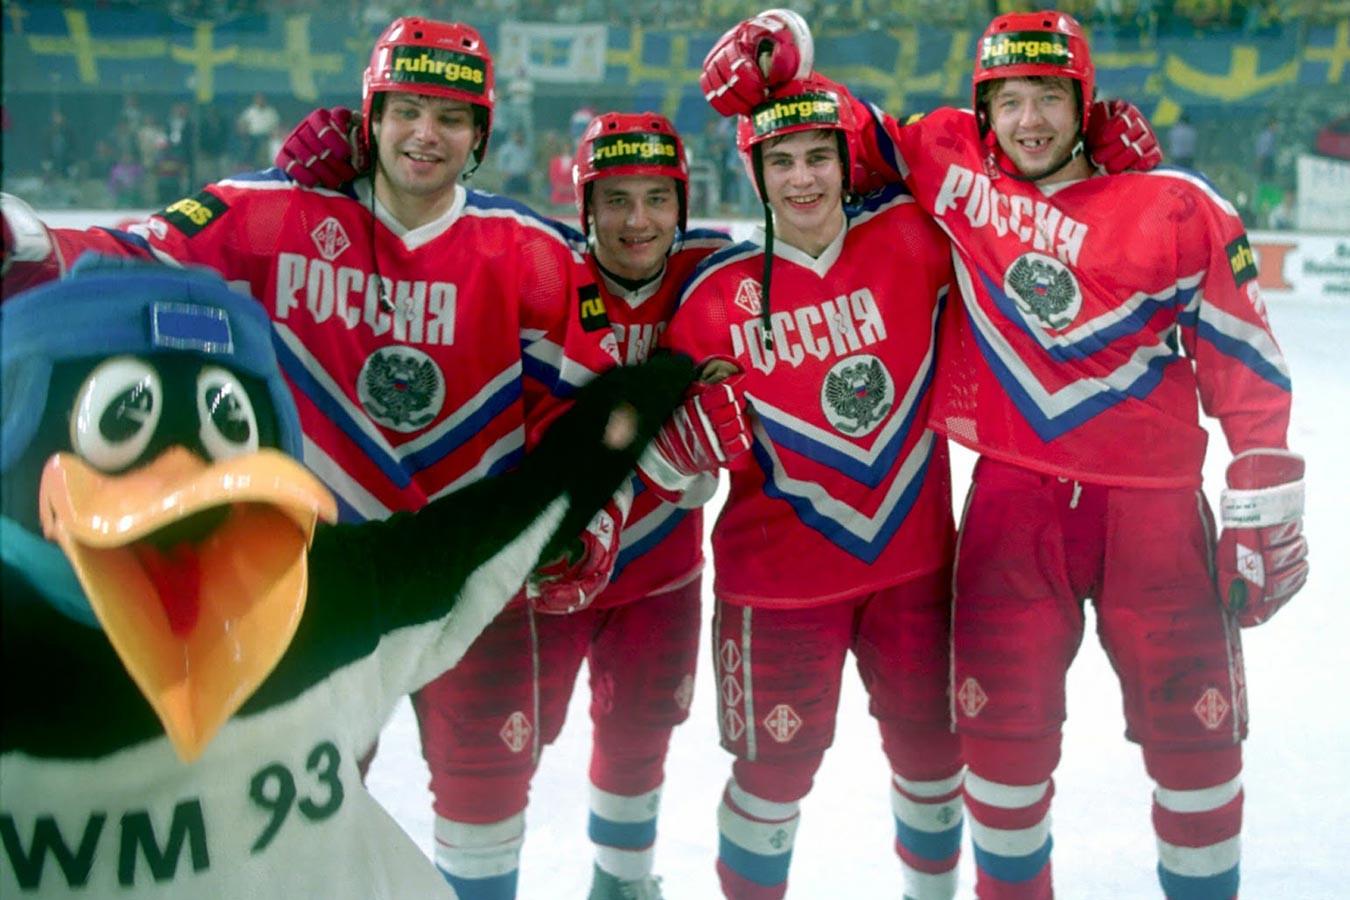 28 лет назад сборная России выиграла чемпионат мира по хоккею. В следующий раз это случится ой как нескоро